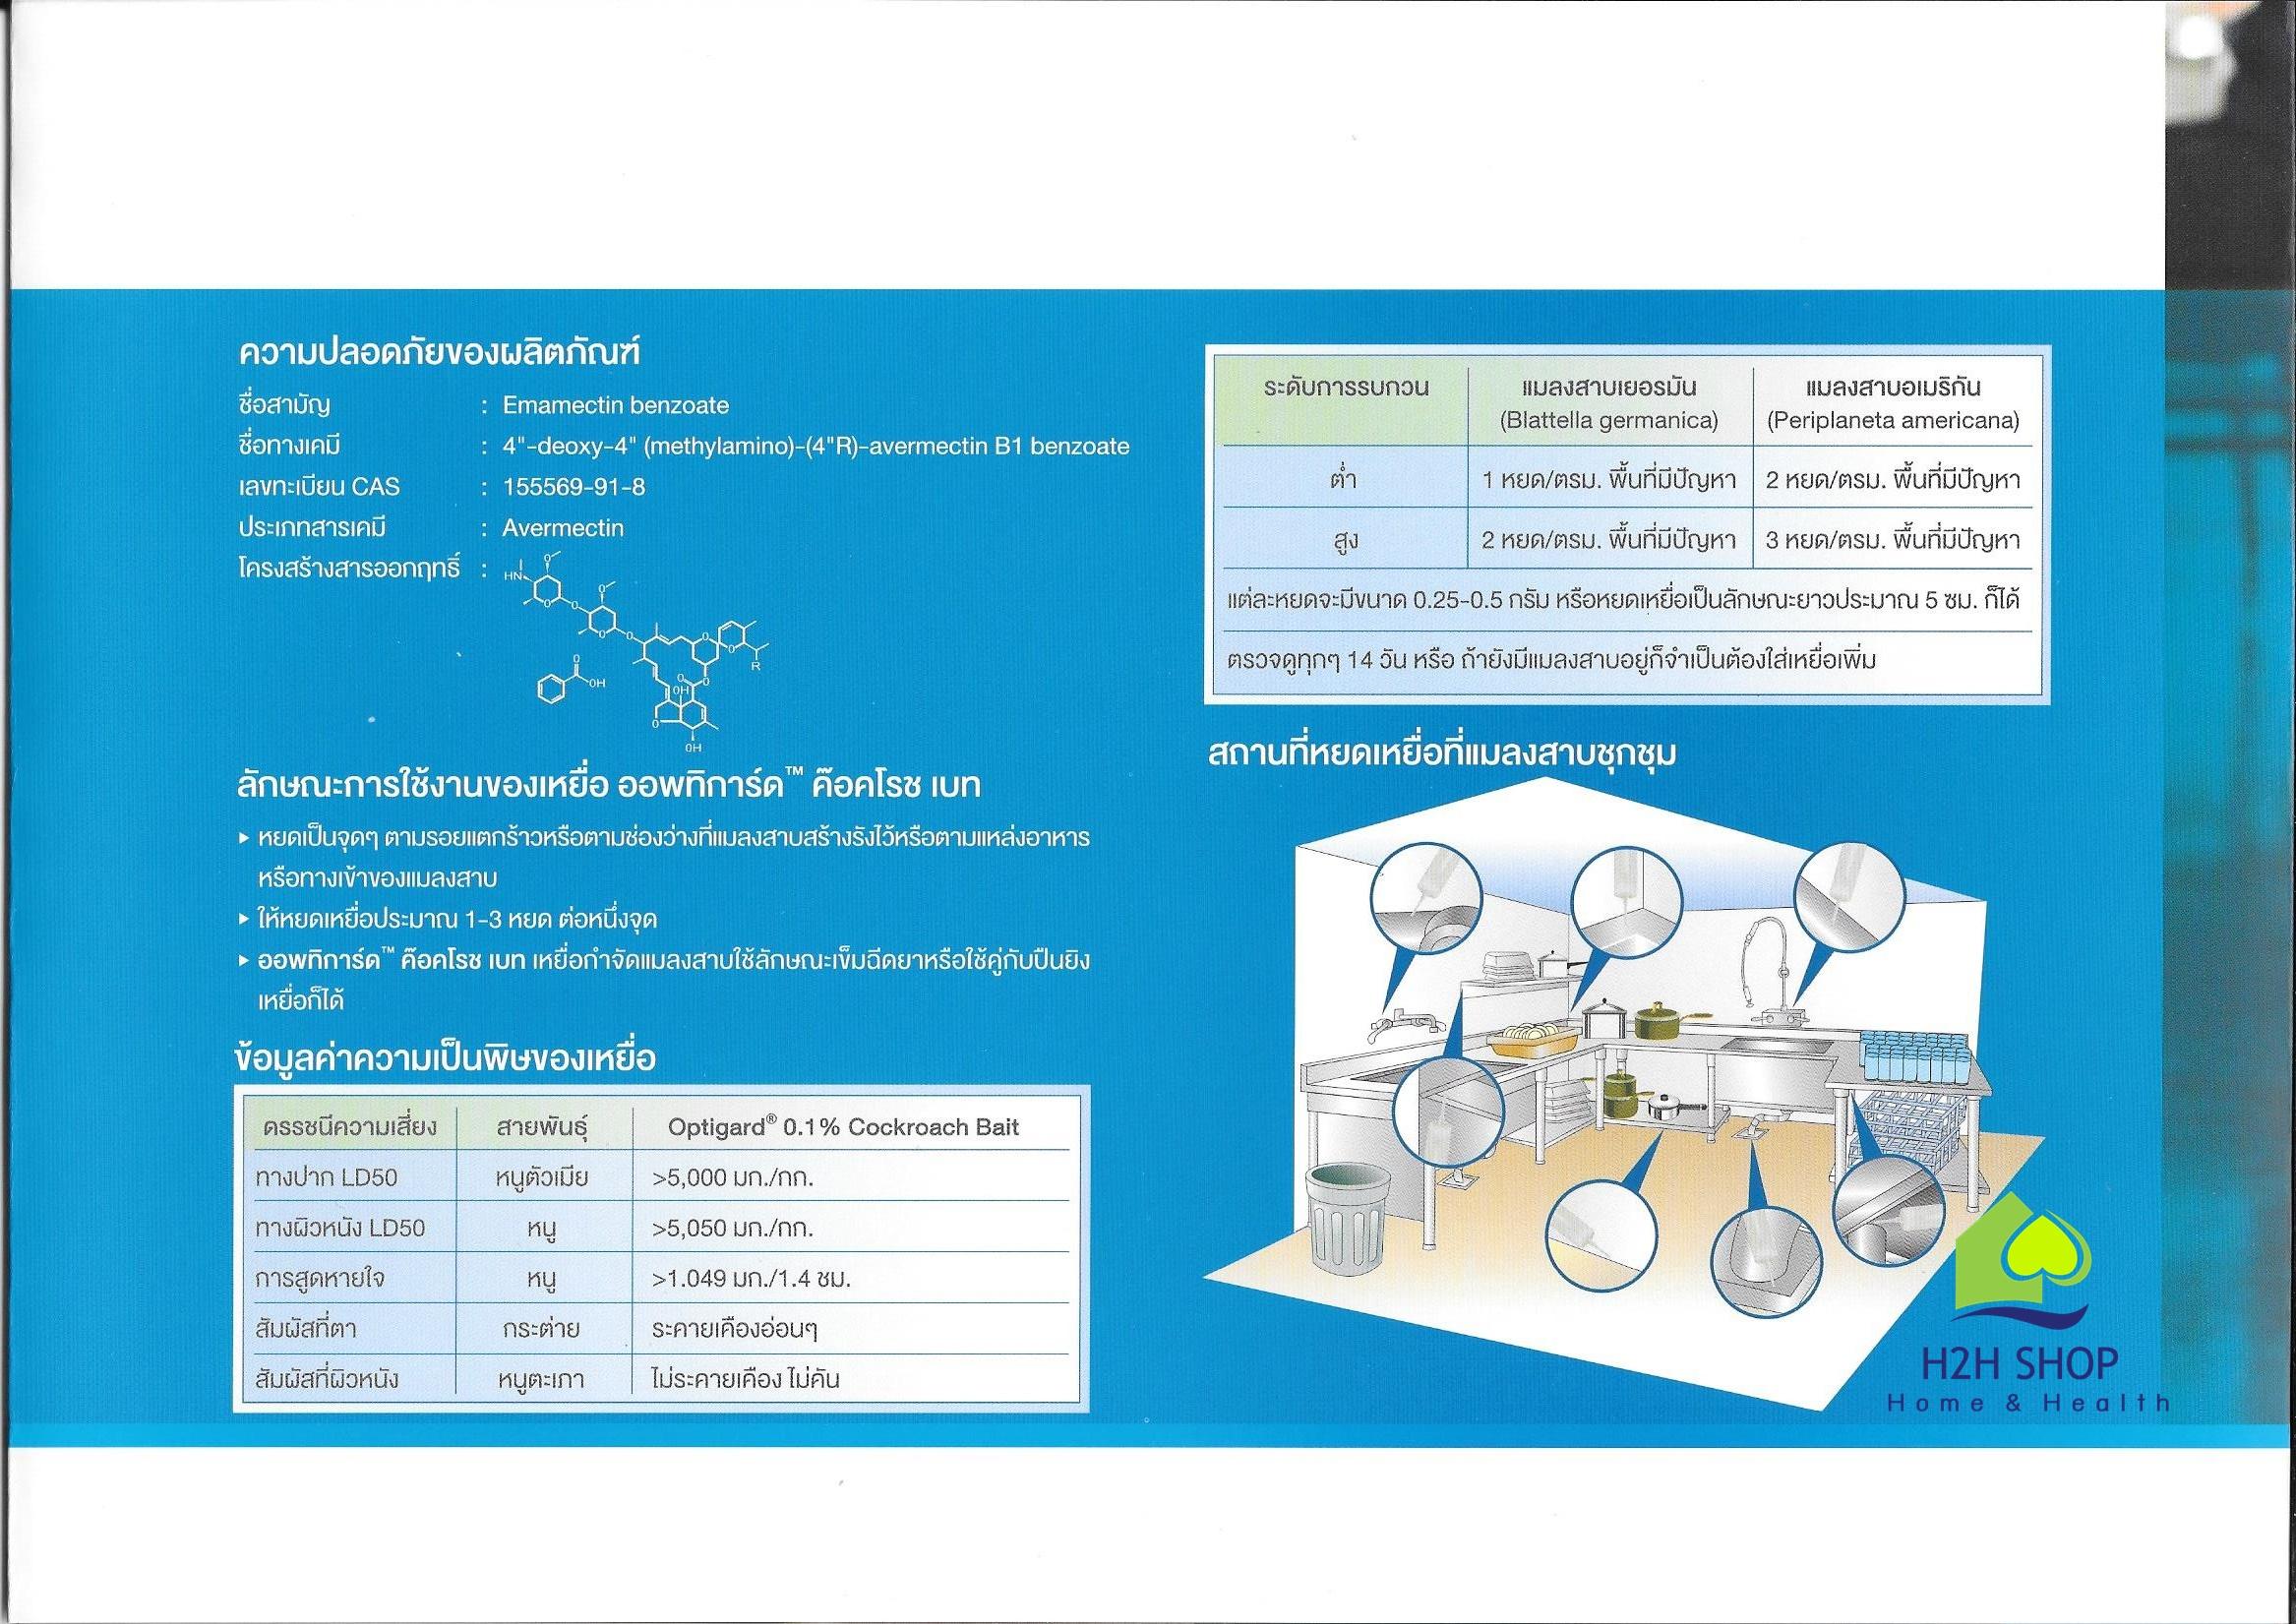 ความปลอดภัยของผลิตภัณฑ์ -เจลแมลงสาบ ออพทิการ์ด ค๊อคโรช เบท